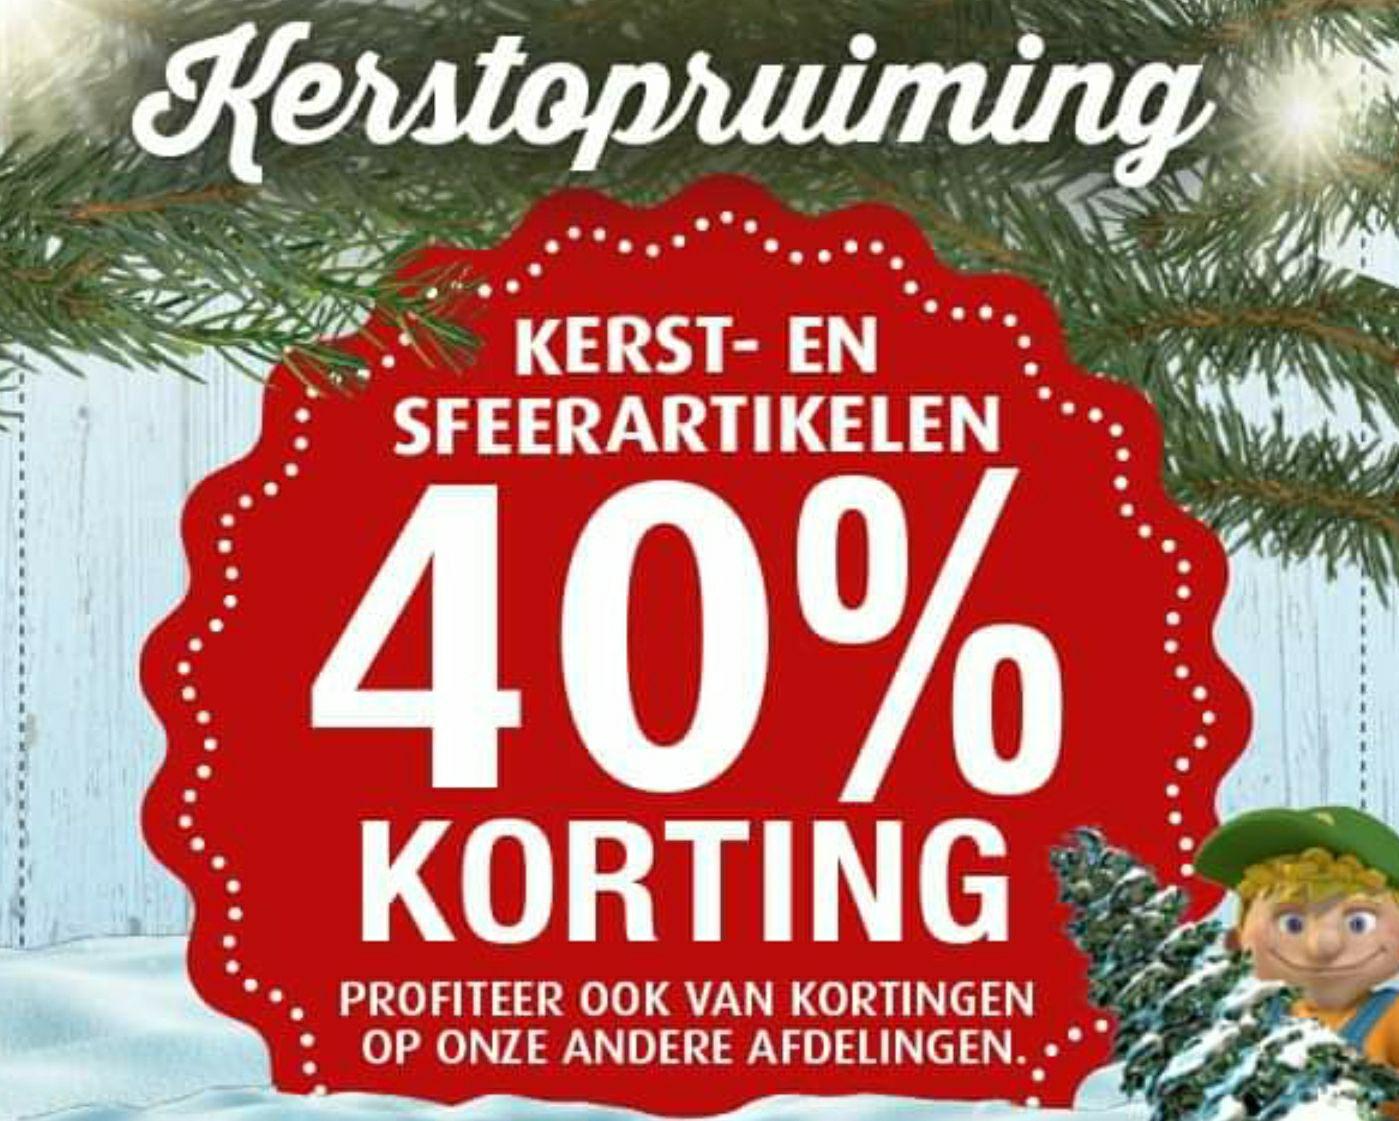 [Lokaal @ Denekamp] 40% korting *Kerstopruiming!* bij tuincentrum Oosterik